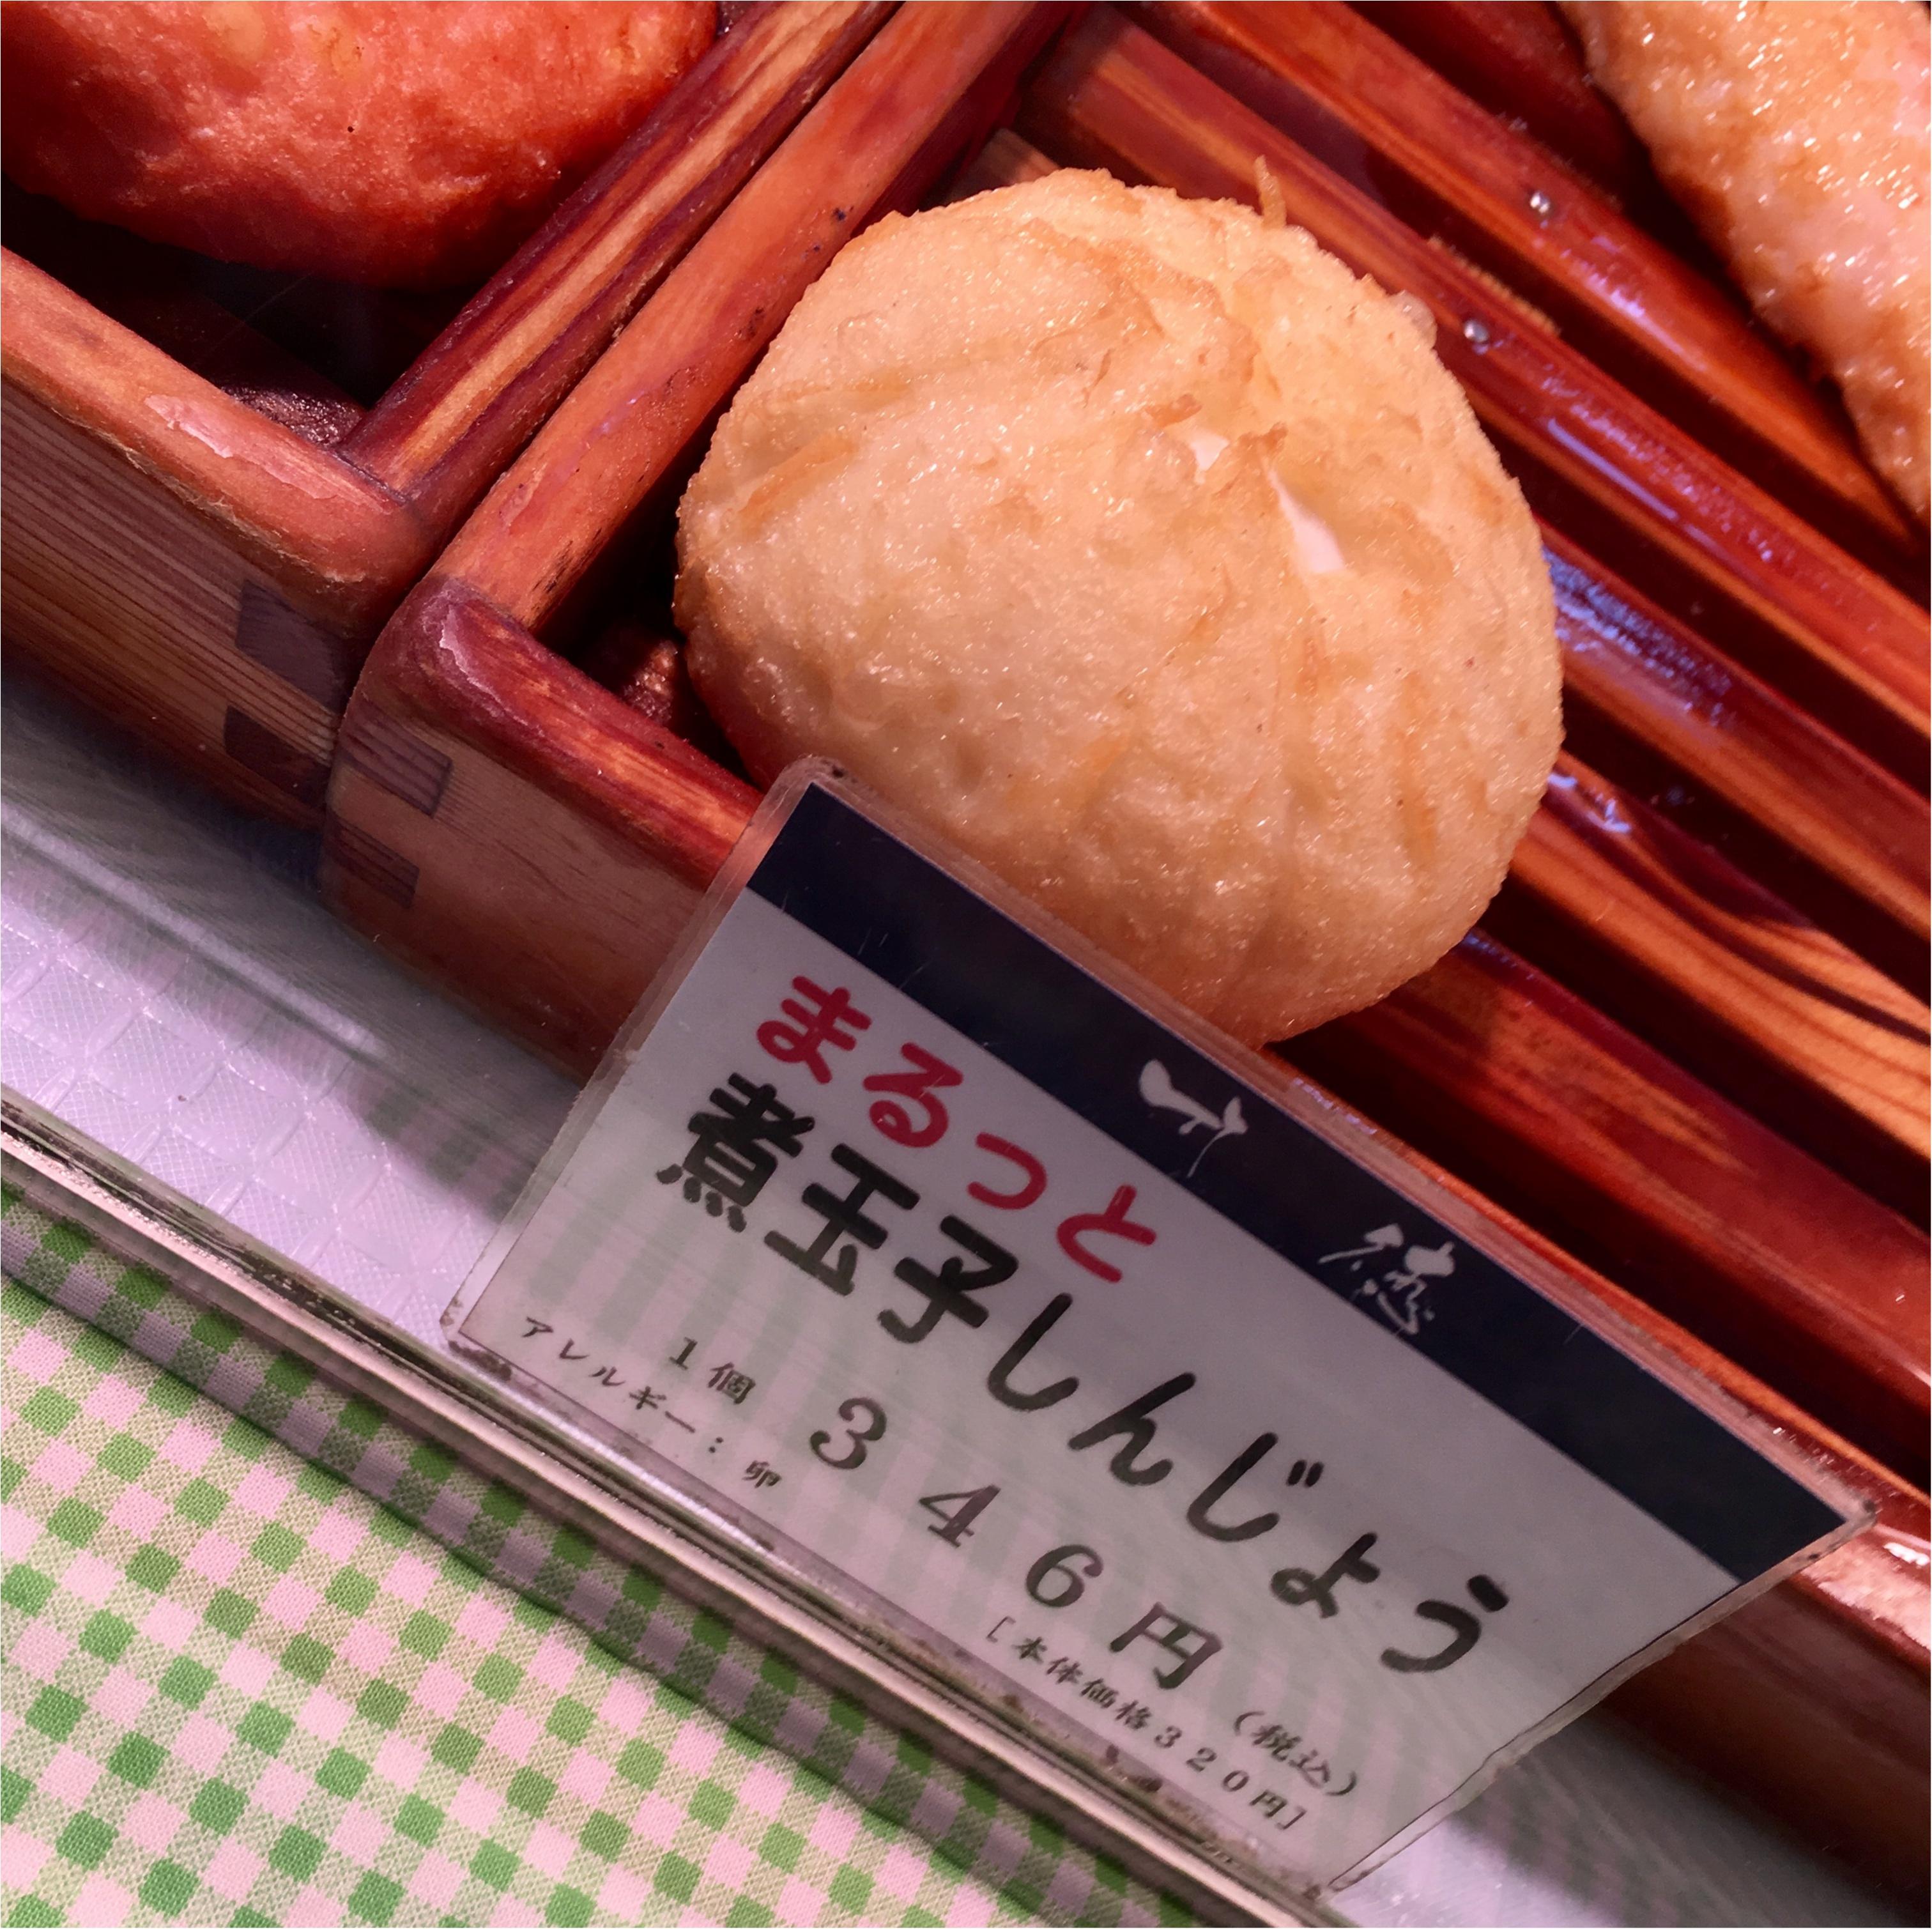 【旅行▶グルメ】もう東京駅でも食べられないあのアイスから定番B級グルメや海の幸まで♡新潟のオススメグルメ_2